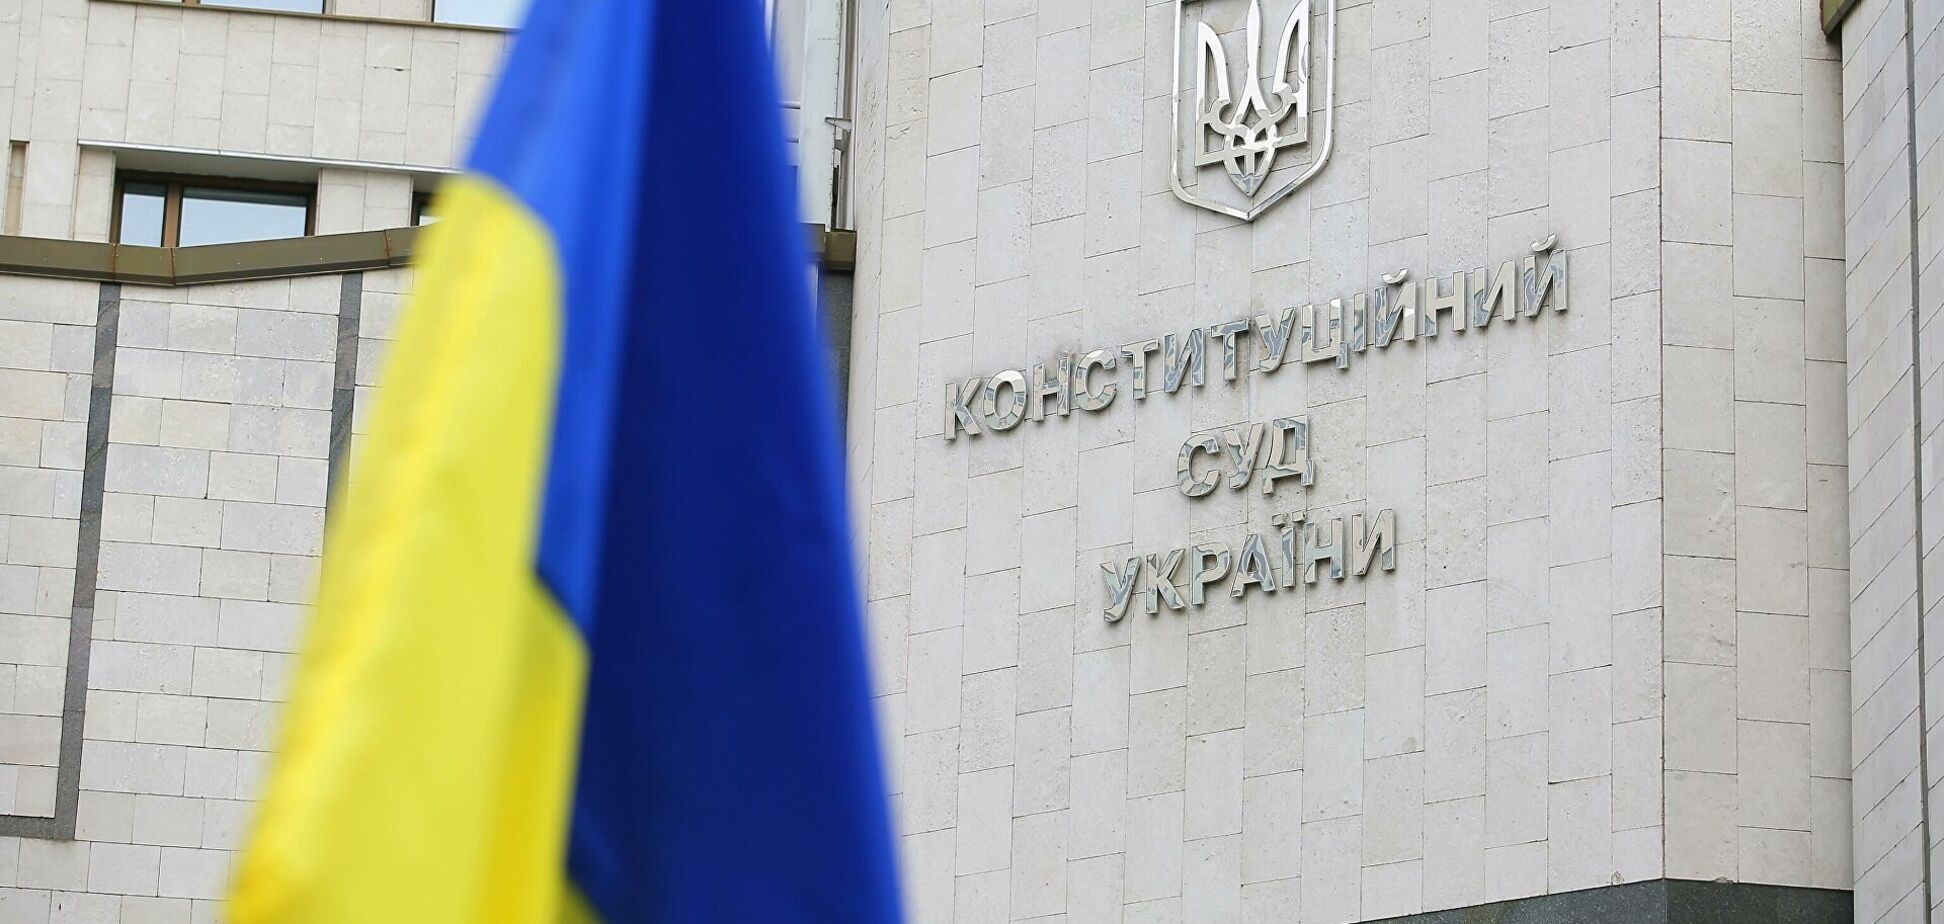 Судей КСУ обвинили в воздействии со стороны РФ, 'Голос' требует доказательств